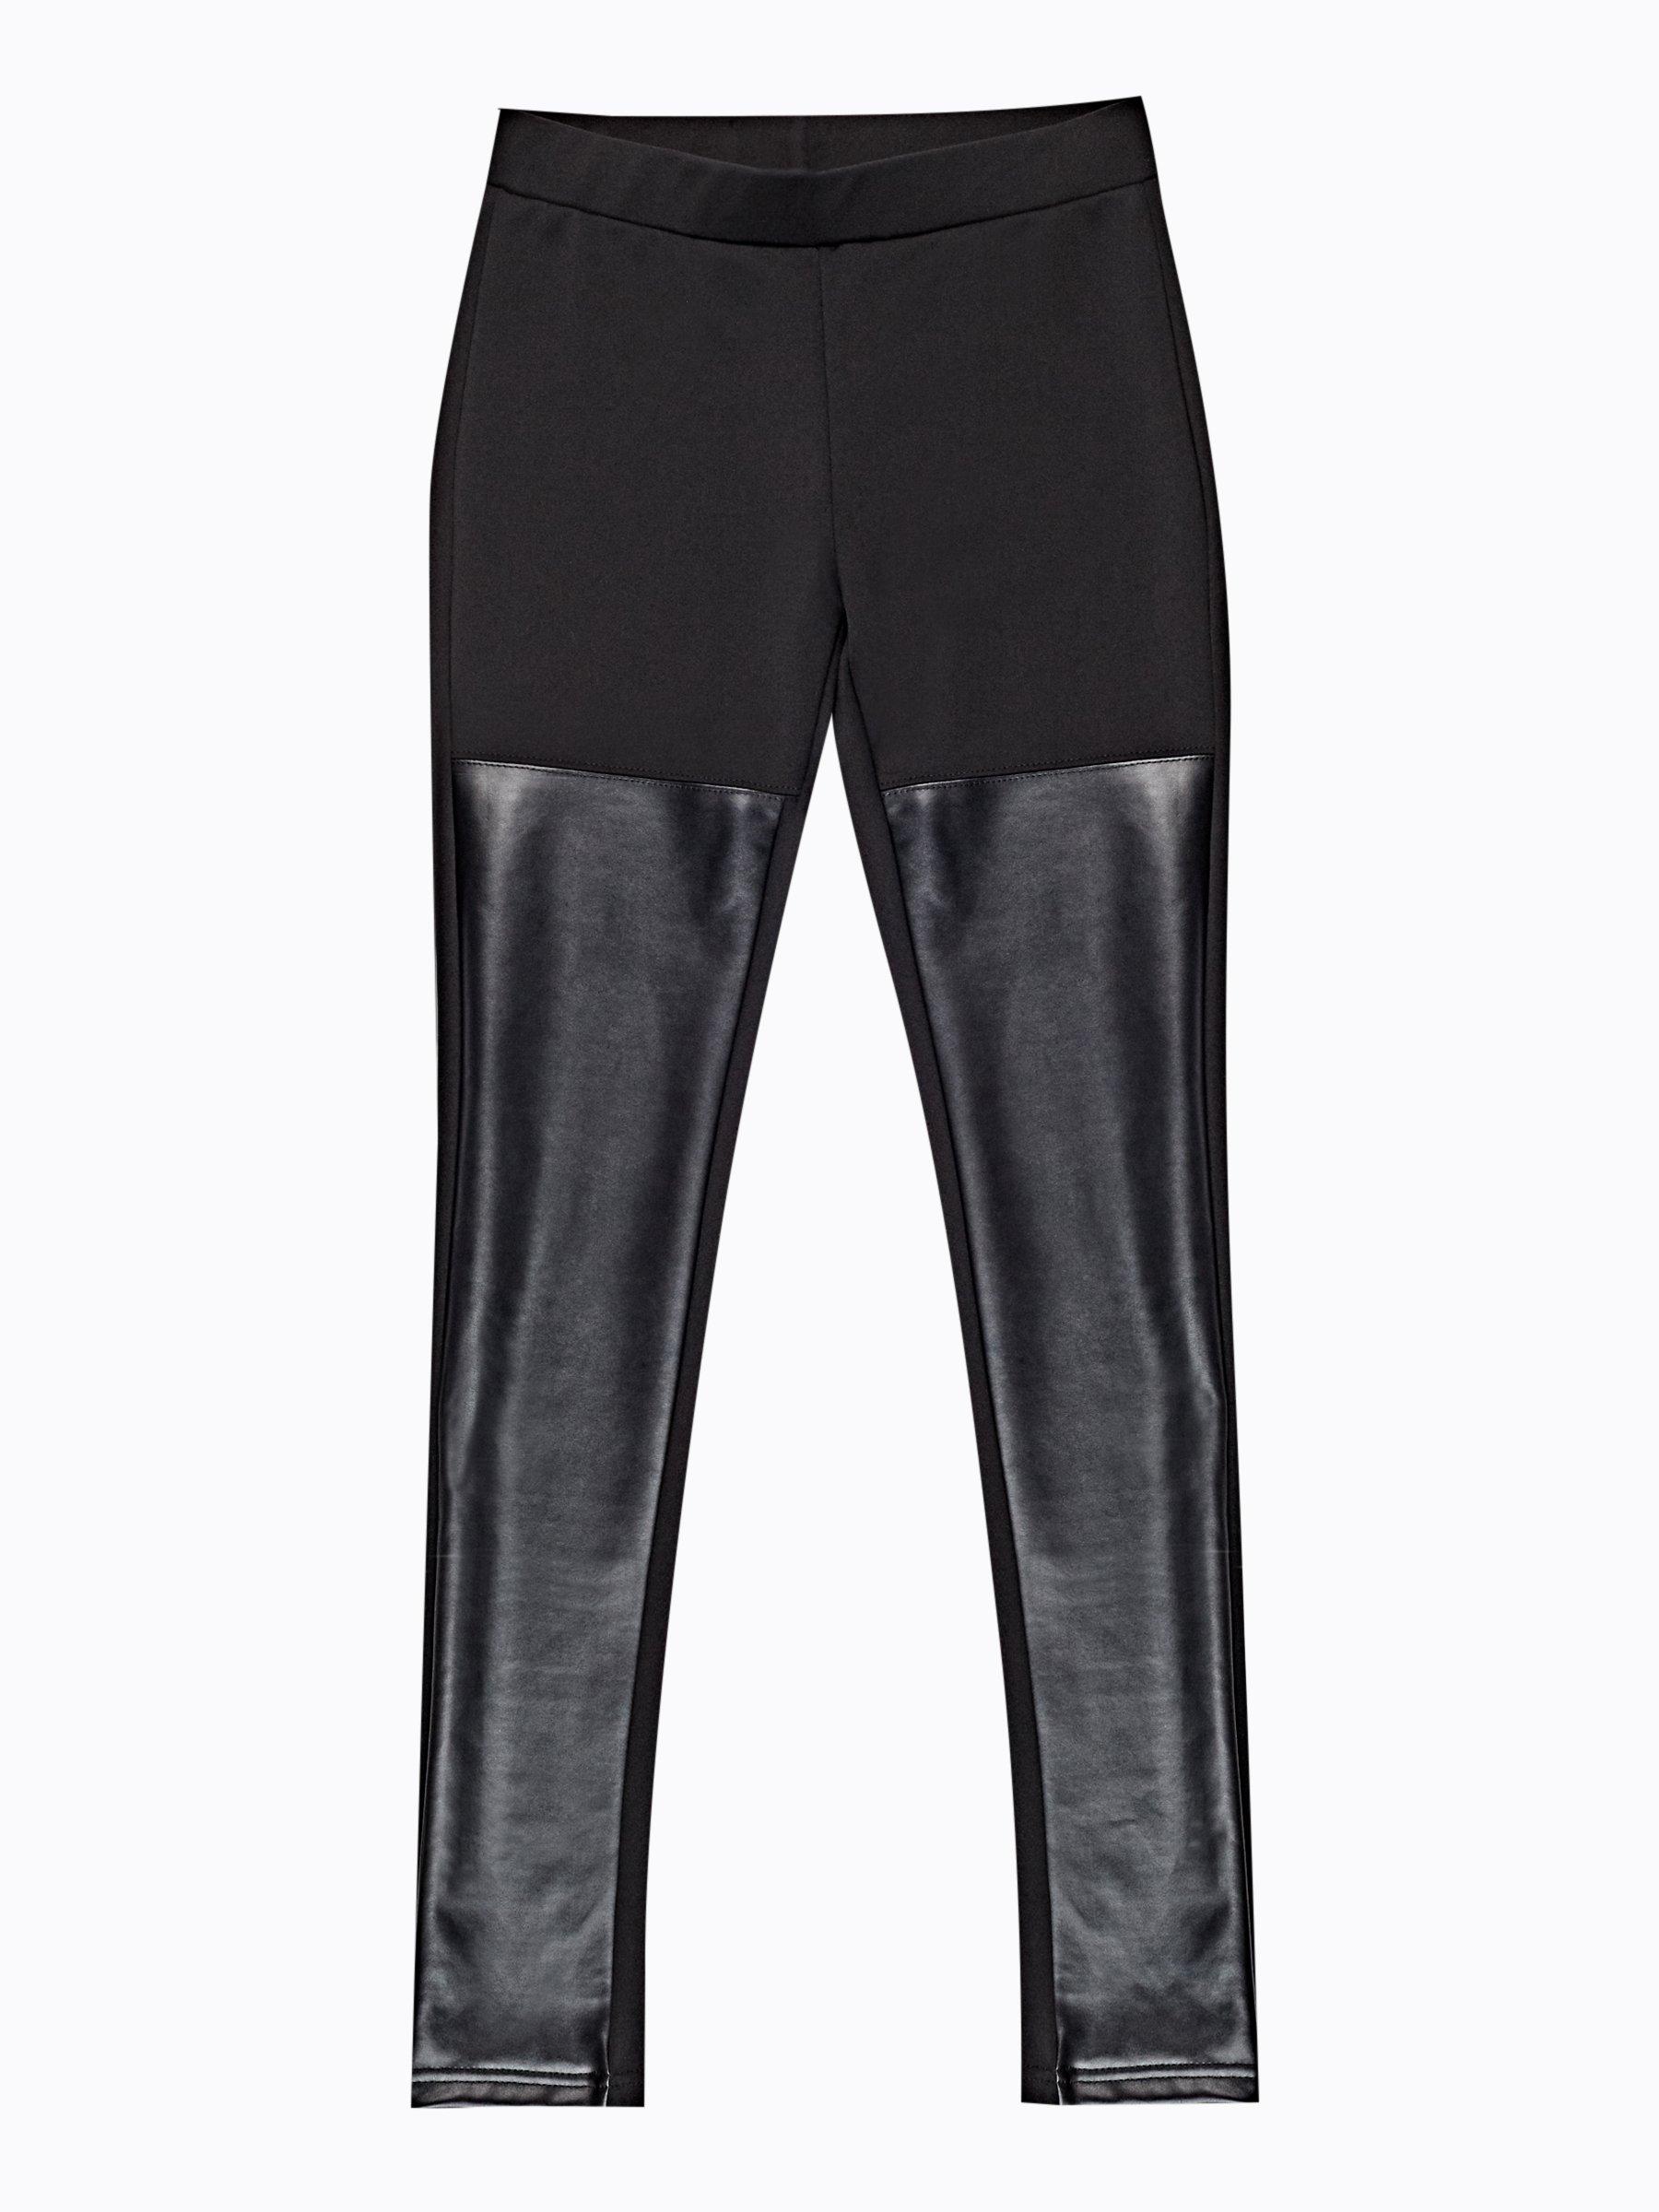 3dfb1109a20 Kombinované kalhoty slim z imitace kůže